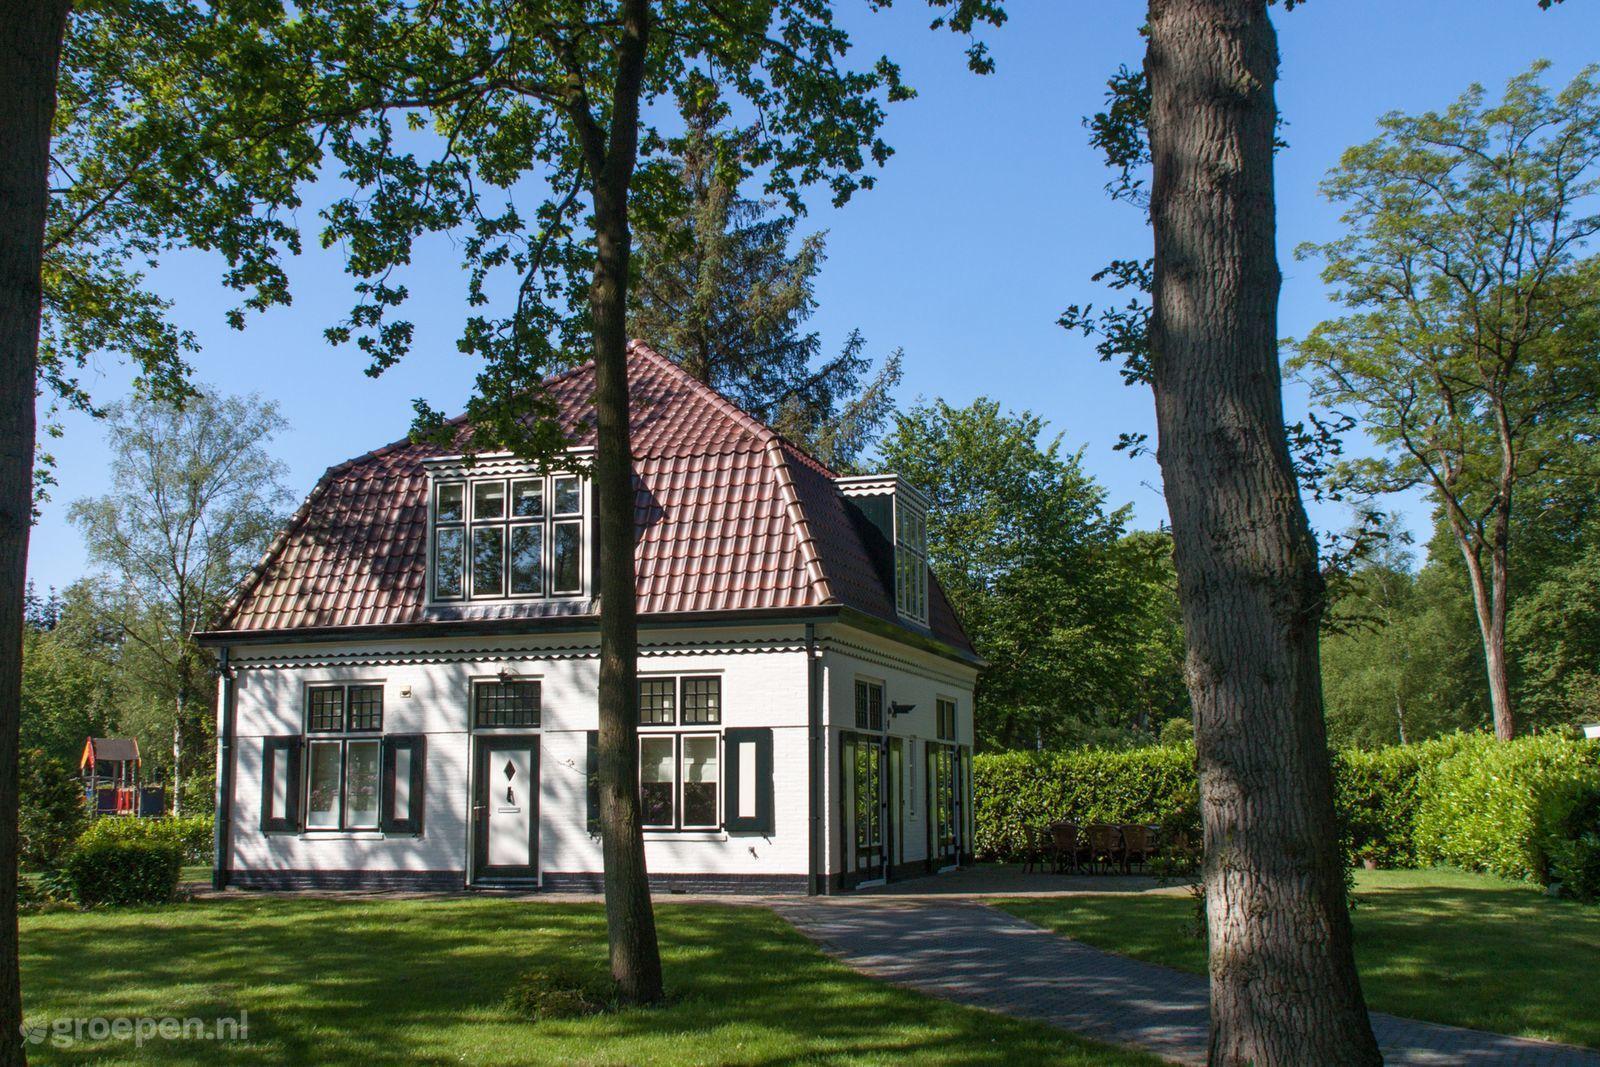 Vakantiehuis De Bult